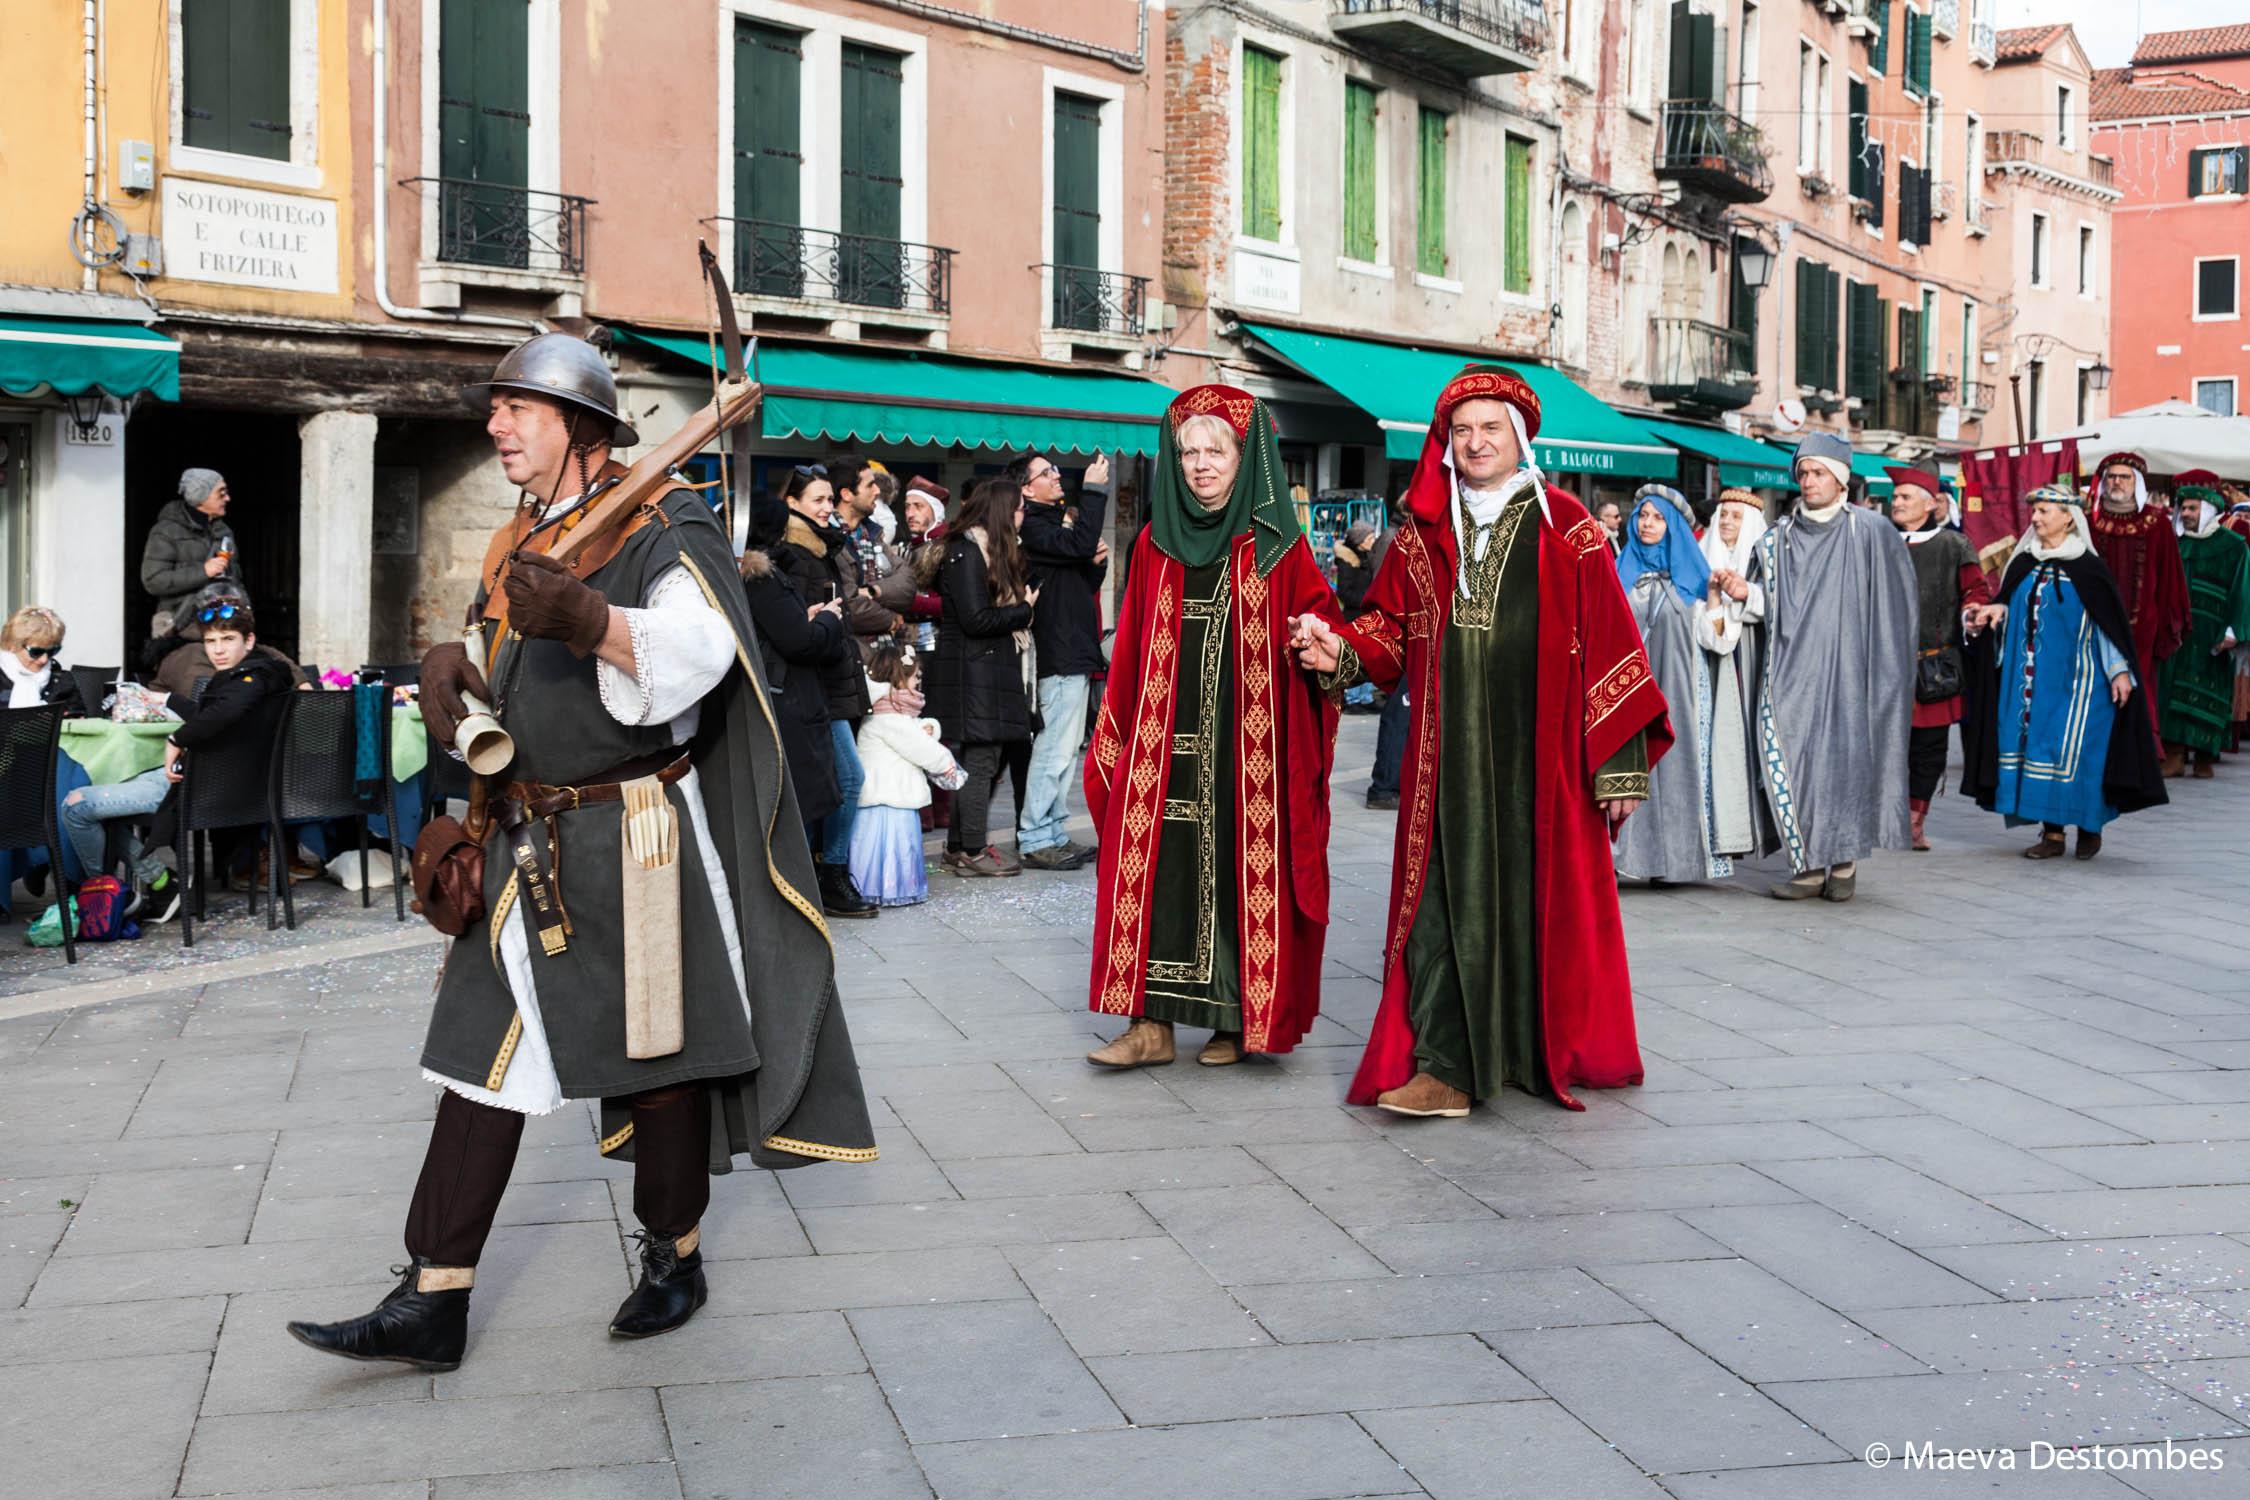 La procession des Marie défile dans les rues de Venise lors du carnaval de Venise